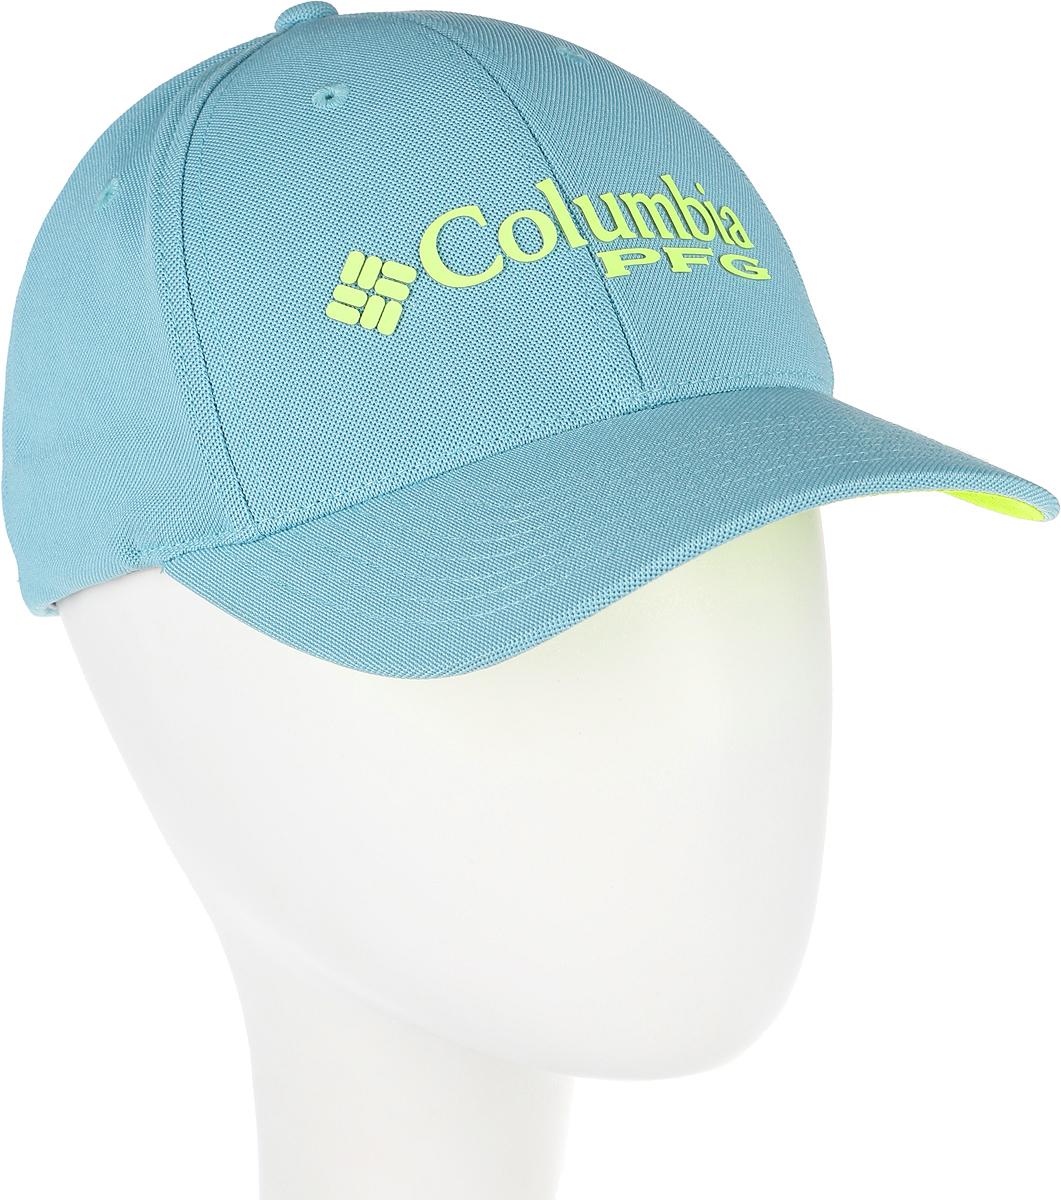 Бейсболка Columbia PFG Mesh Pique Ballcap, цвет: голубой. 1577481-909. Размер S/M (56/57)1577481-909Стильная бейсболка Columbia, выполненная из высококачественных материалов, идеально подойдет для прогулок, занятия спортом и отдыха. Она надежно защитит вас от солнца и ветра. Изделие оформлено принтом с логотипом бренда.